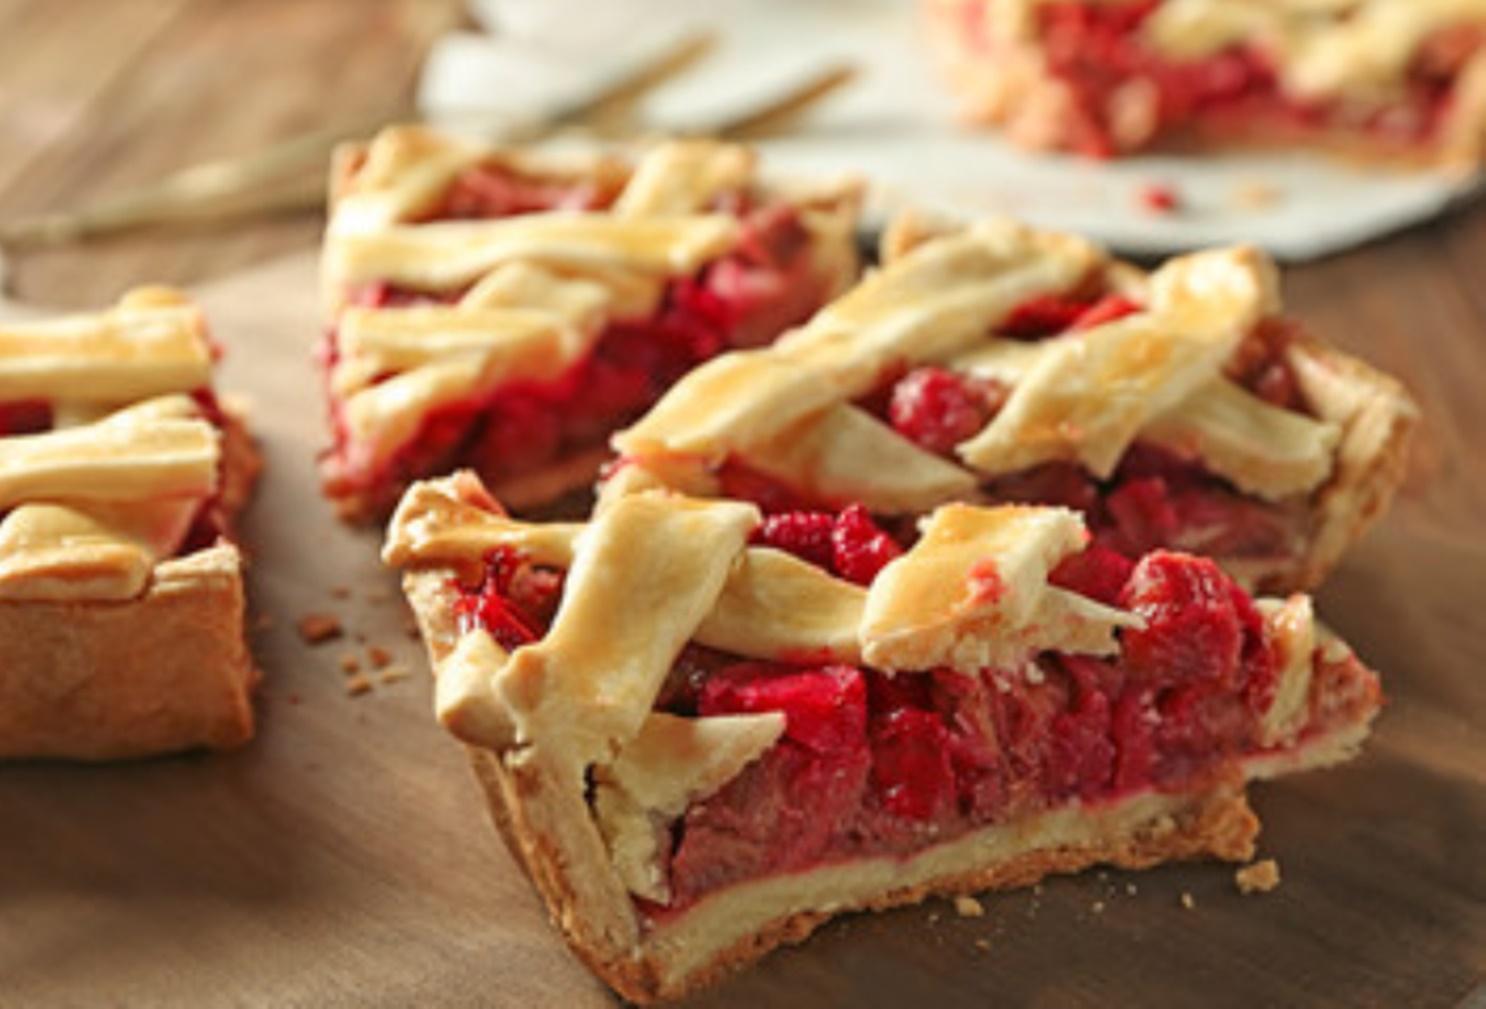 Tartă cu rubarbă și căpșuni. O tartă aromată, cu gust dulce-acrișor